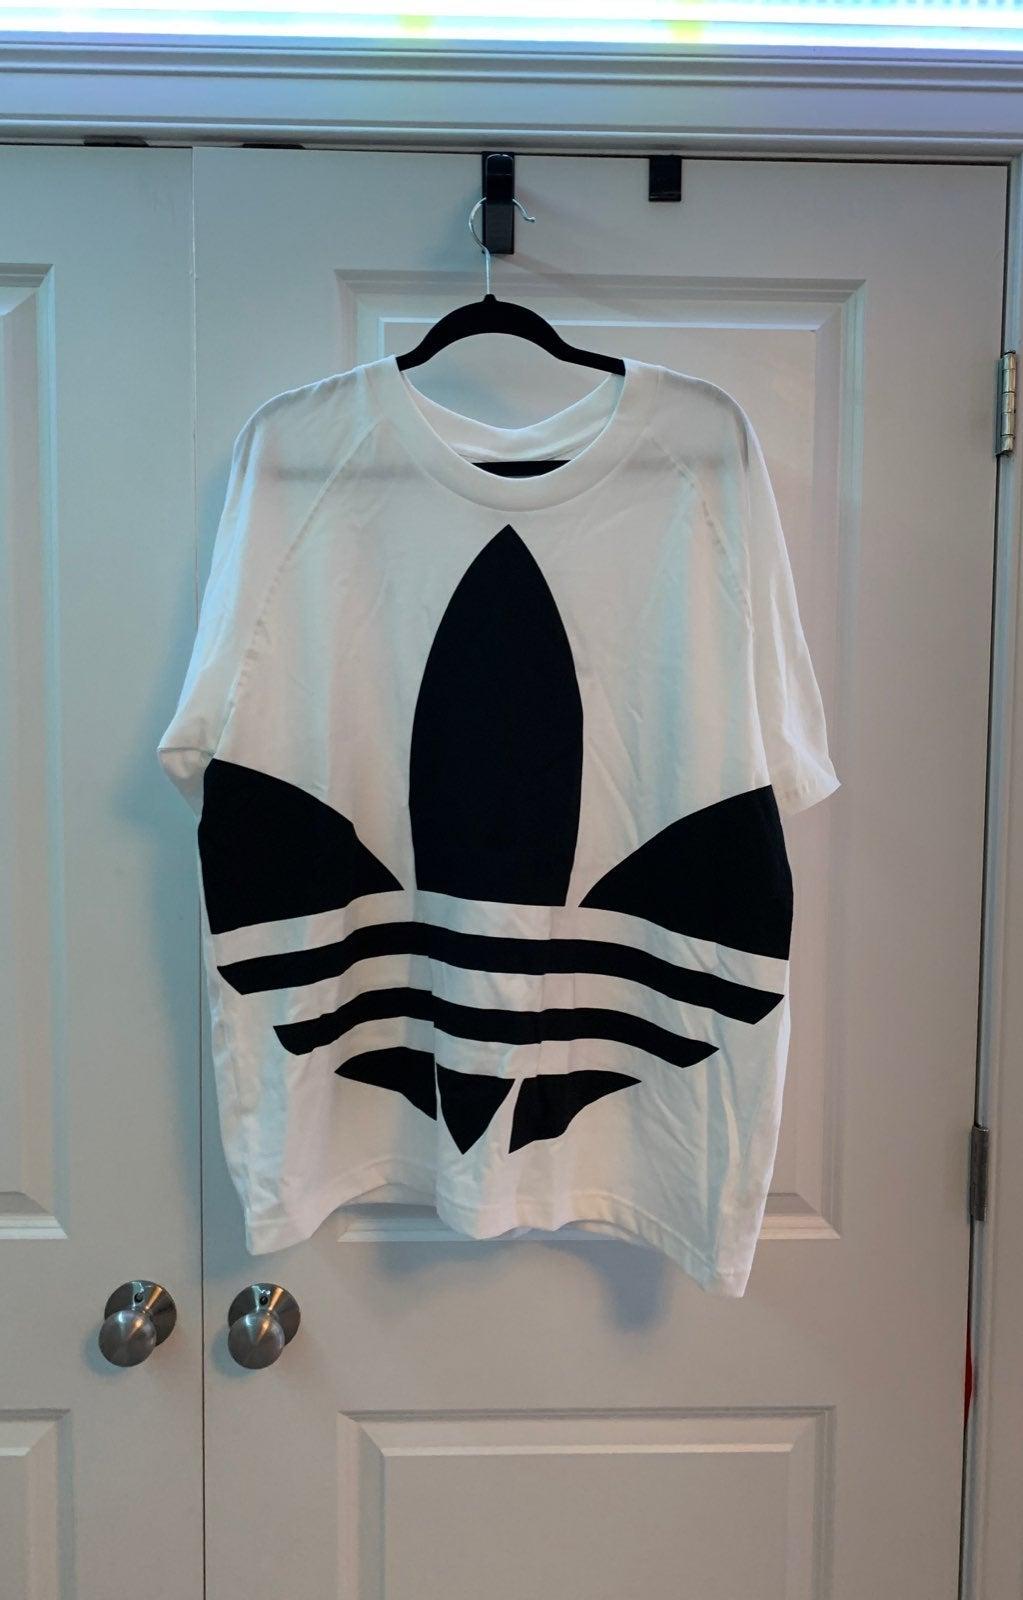 Men's Adidas Trefoil Graphic T-shirt